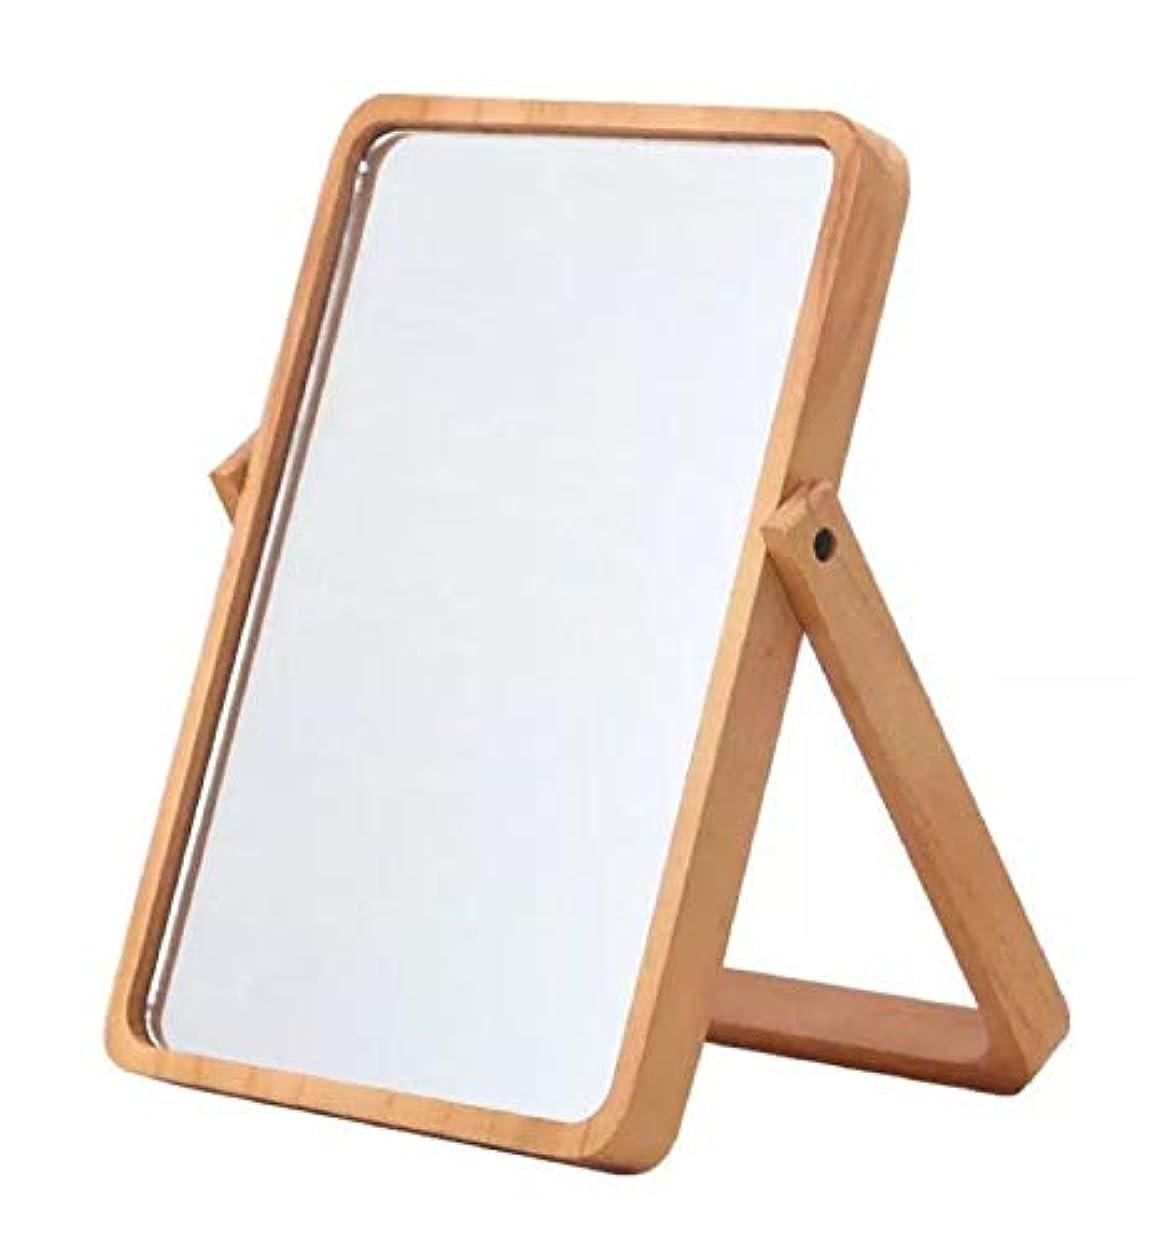 熟練した脱走辞任する卓上鏡 木枠 鏡 壁掛け 卓上 ミラー 木製フレーム 卓上ミラー 木 スタンド式 化粧鏡 化粧ミラー26.5×20×2㎝